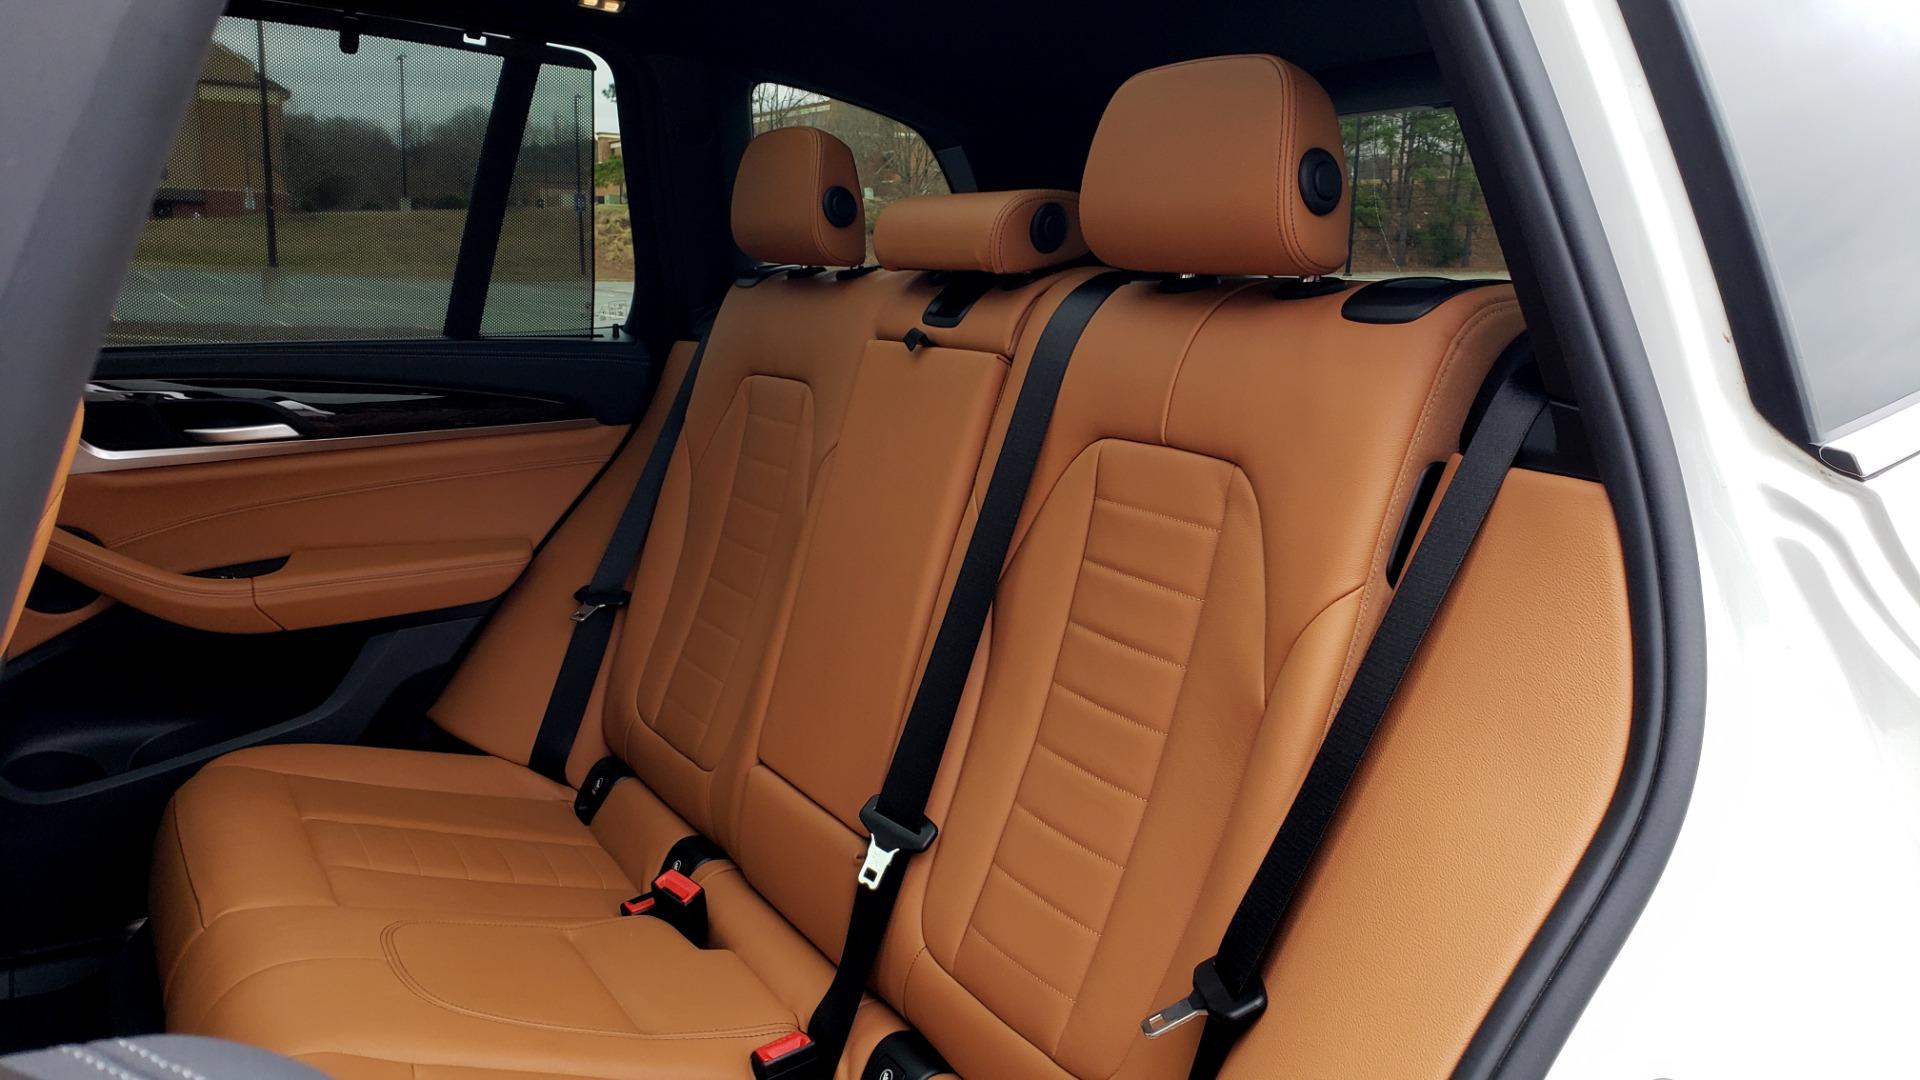 Used 2018 BMW X3 XDRIVE30I / LUX PKG / PREM PKG / CONV PKG / PDC / APPLE CARPLAY for sale Sold at Formula Imports in Charlotte NC 28227 65